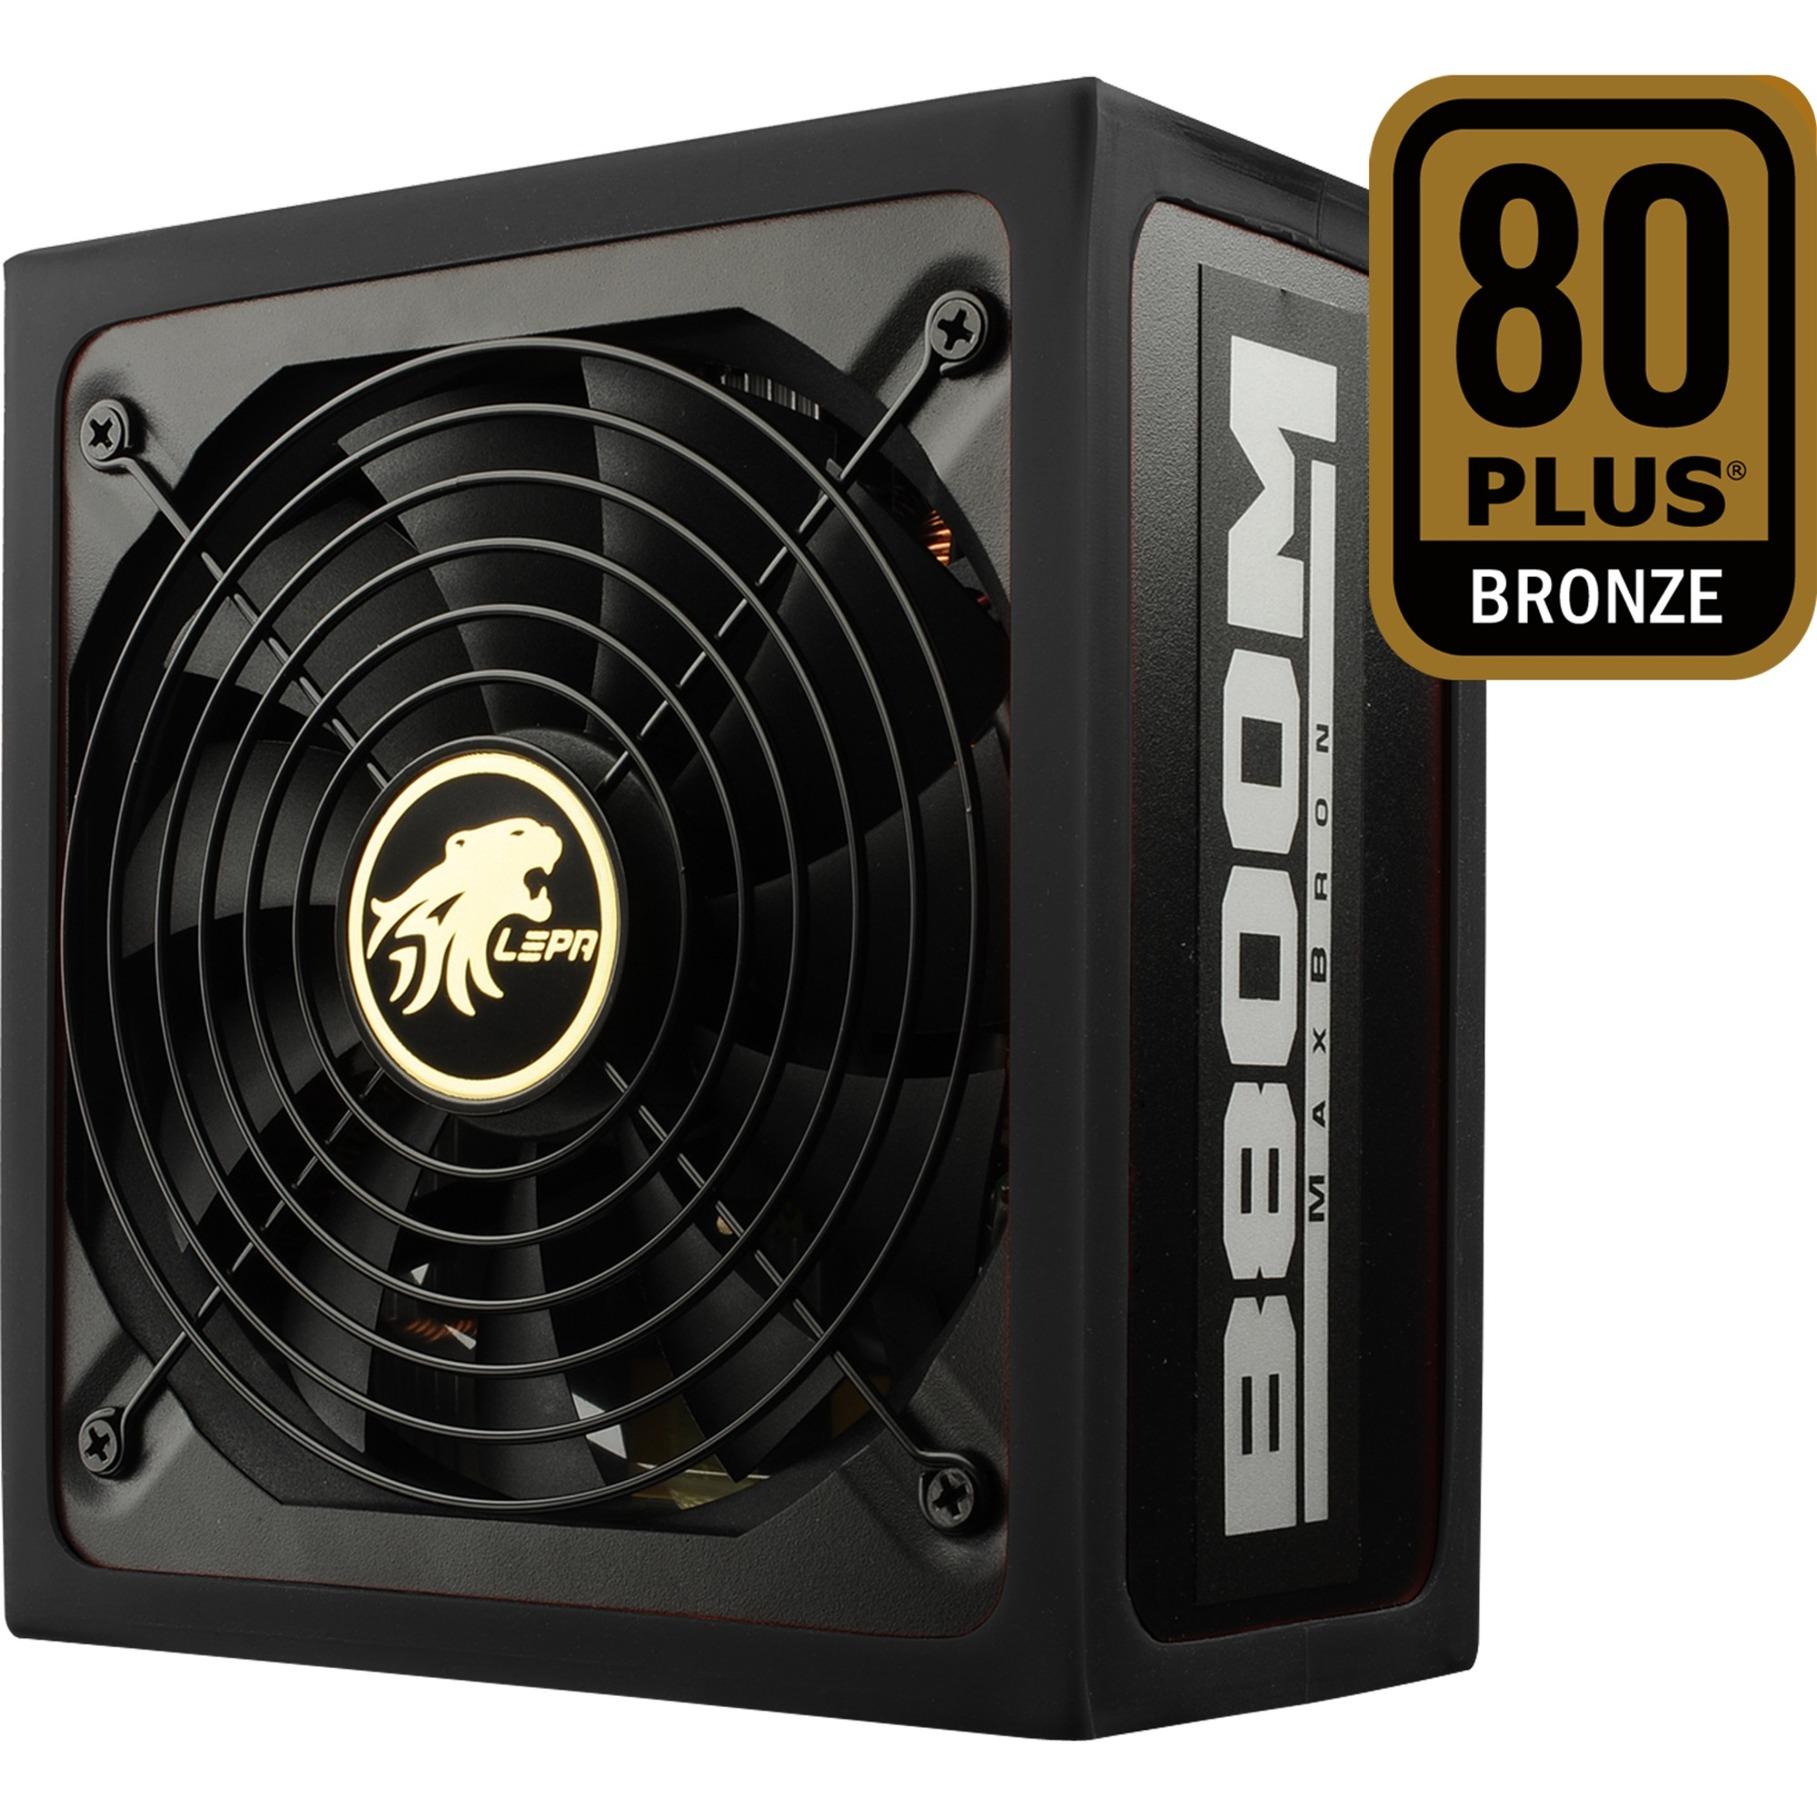 B800-MB unidad de fuente de alimentación 800 W ATX Negro, Rojo, Fuente de alimentación de PC